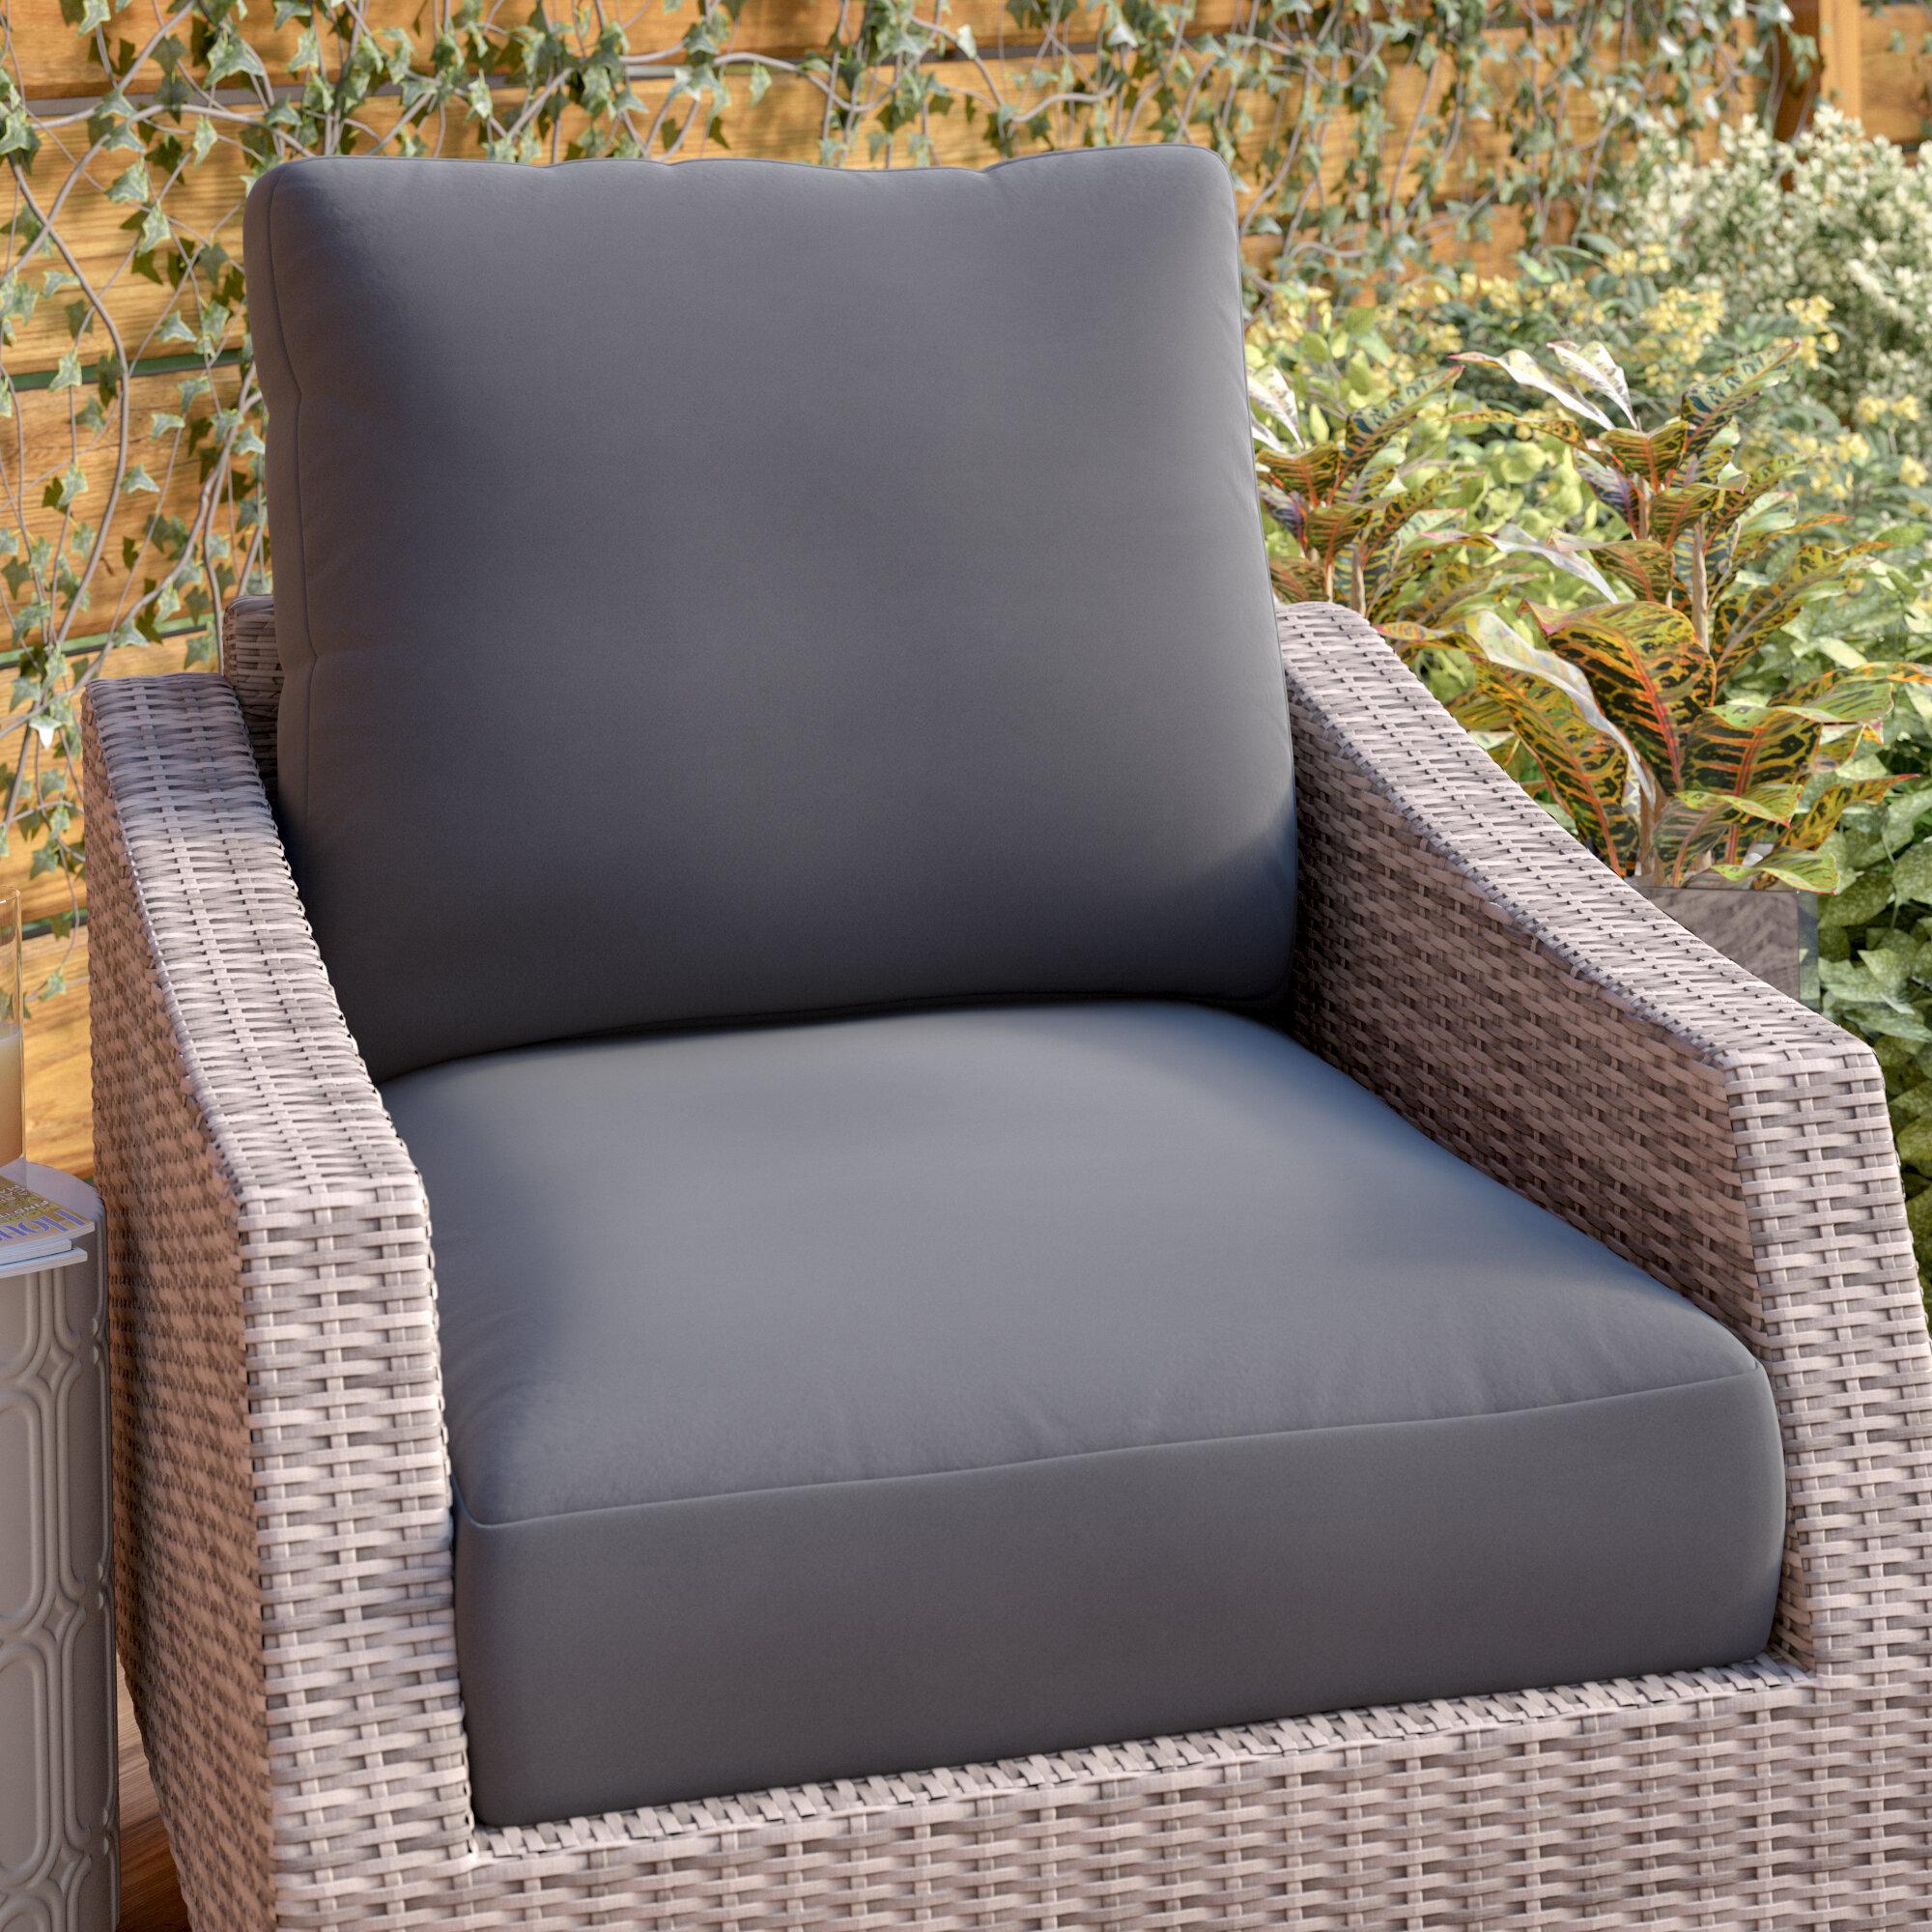 Zipcode Design Indoor Outdoor Lounge Chair Cushion Reviews Wayfair